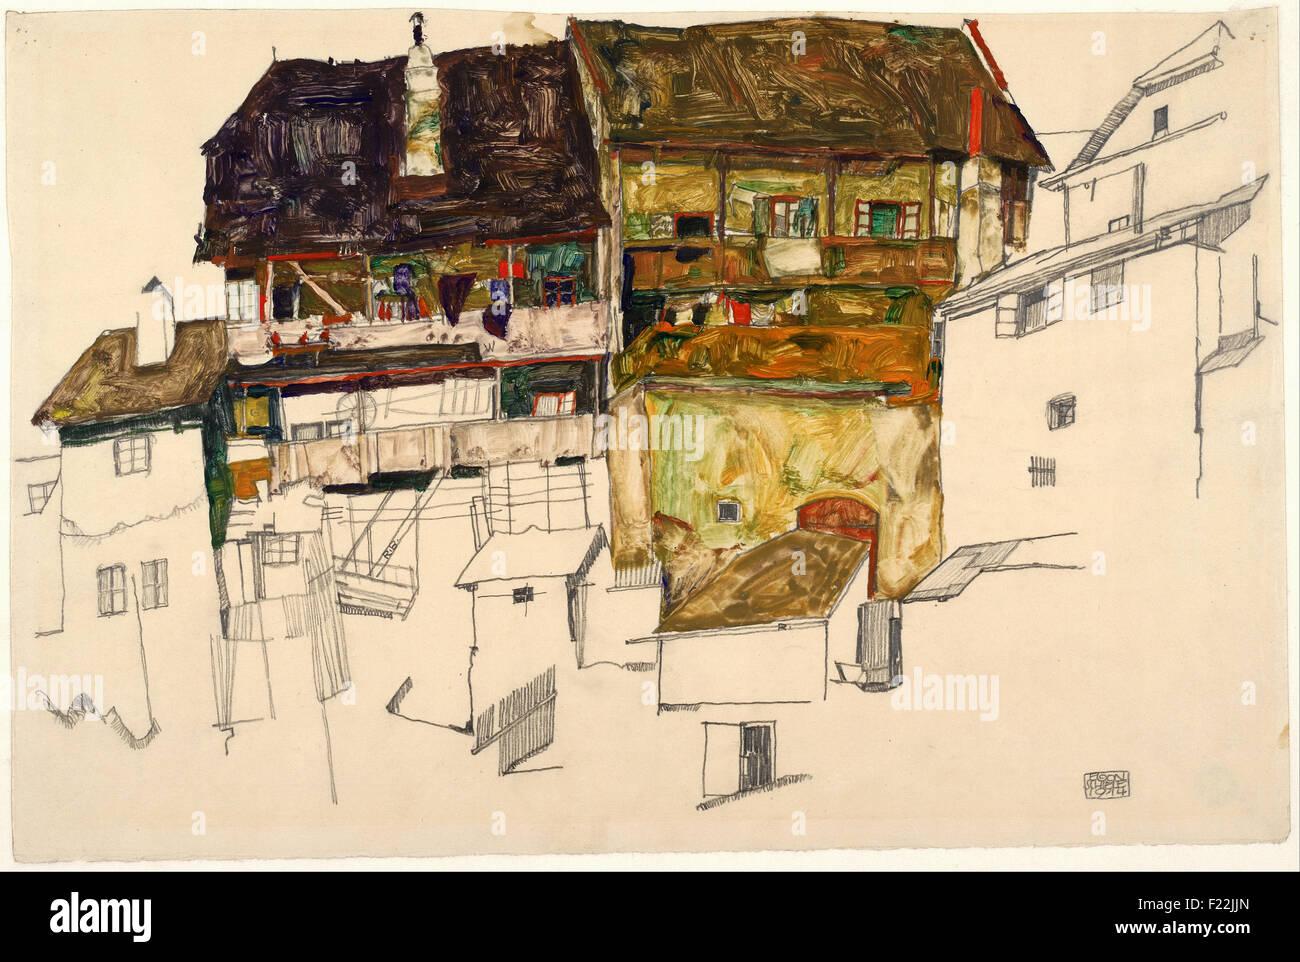 Egon Schiele - Old Houses in Krumau, 1914 - Stock Image